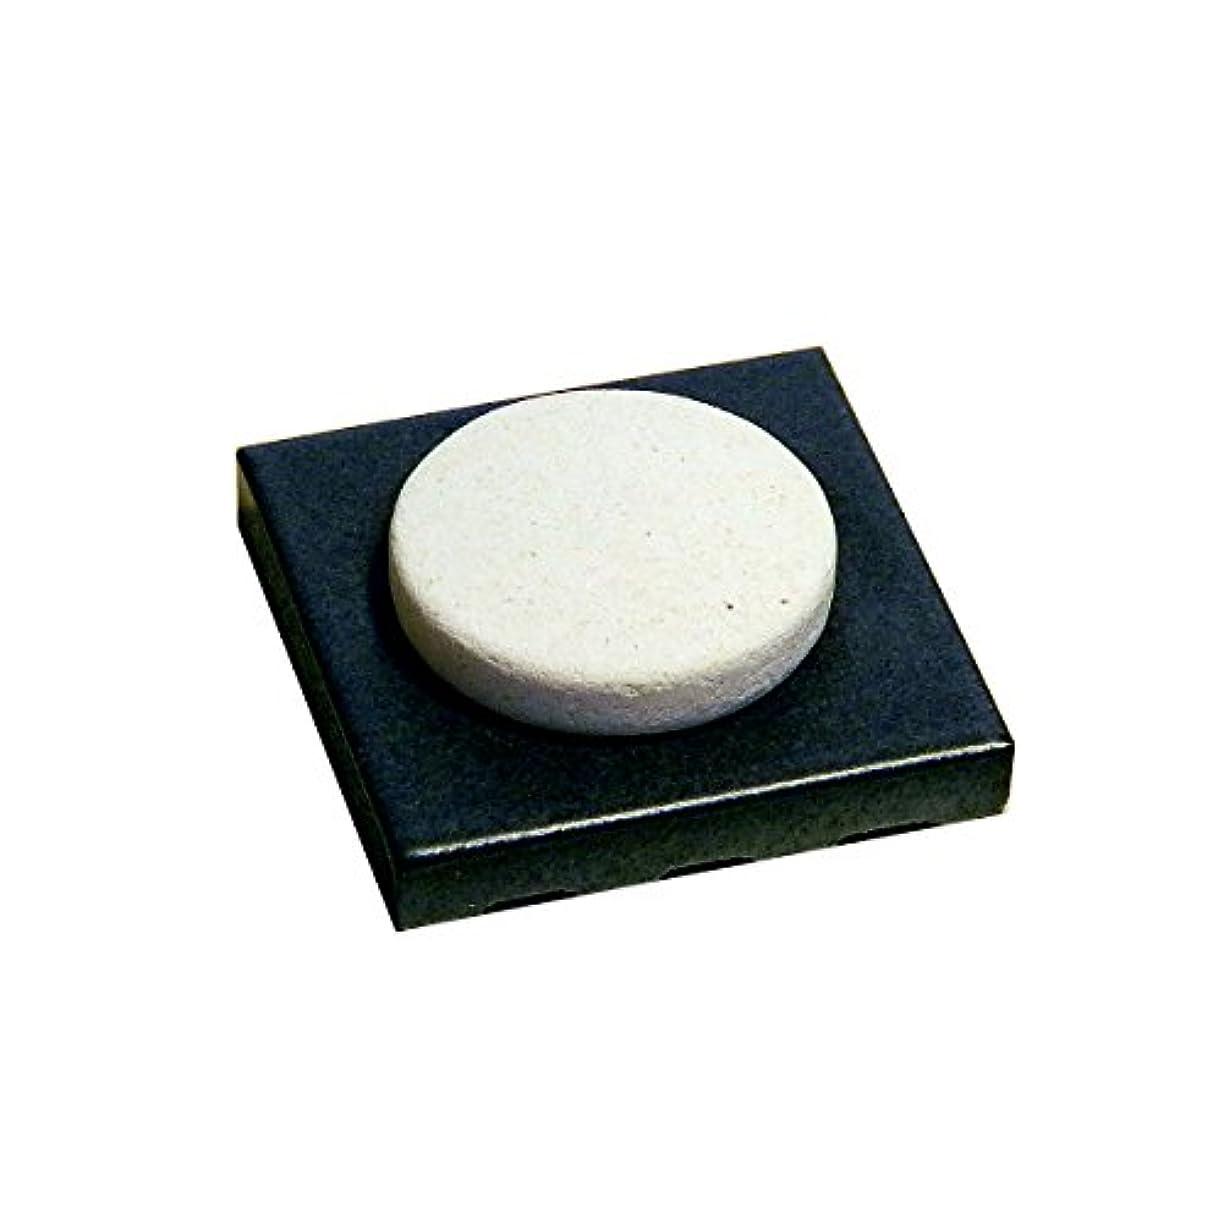 気絶させる決定トロピカル〔立風屋〕珪藻土アロマプレート美濃焼タイルセット ブラック(黒) RPAP-01003-BK